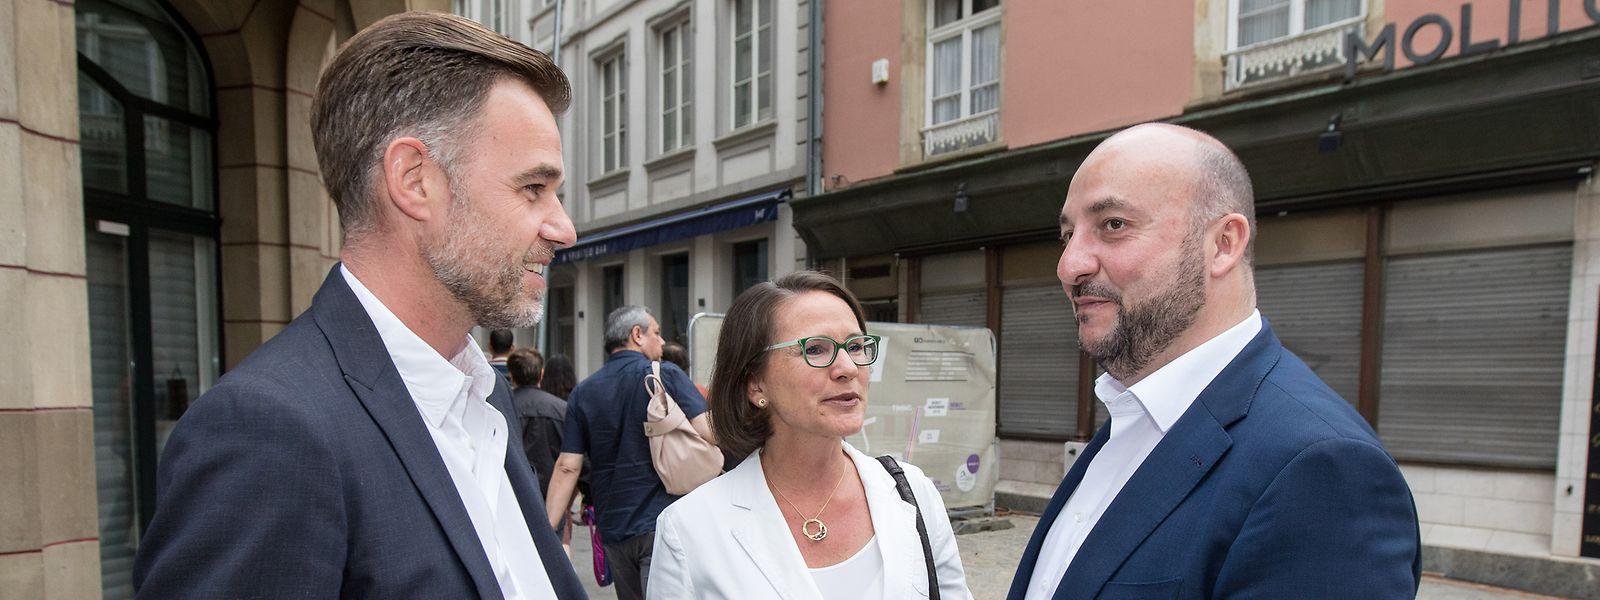 Alors que Franz Fayot cède sa place pour partir à l'Economie, le parti doit encore se trouver un ou une nouvelle patronne, lors de son prochain congrès.